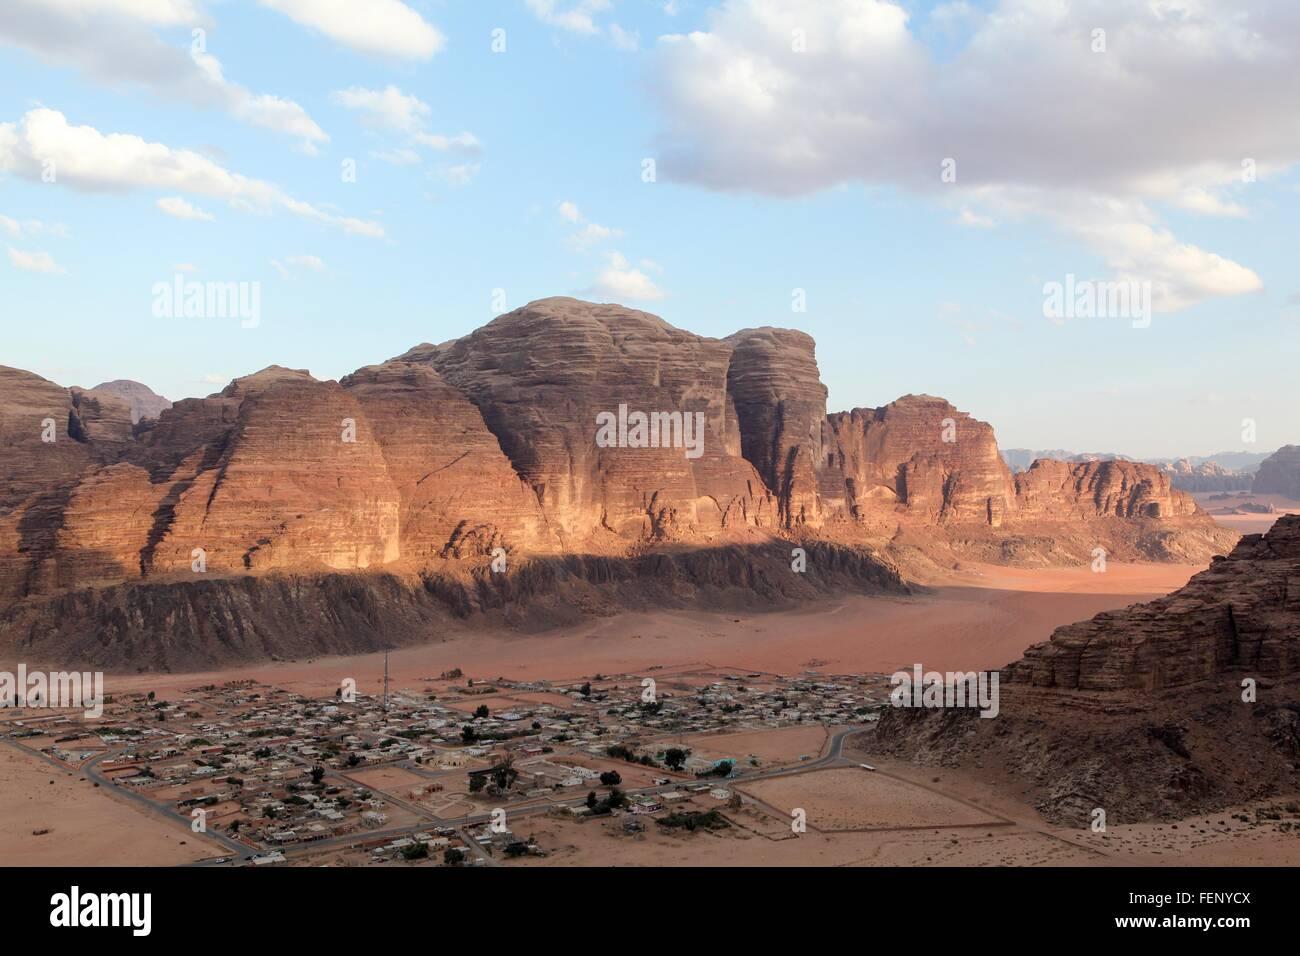 Erhöhten Blick auf das Dorf von Gebirge, Wadi Ram, Jordanien Stockfoto